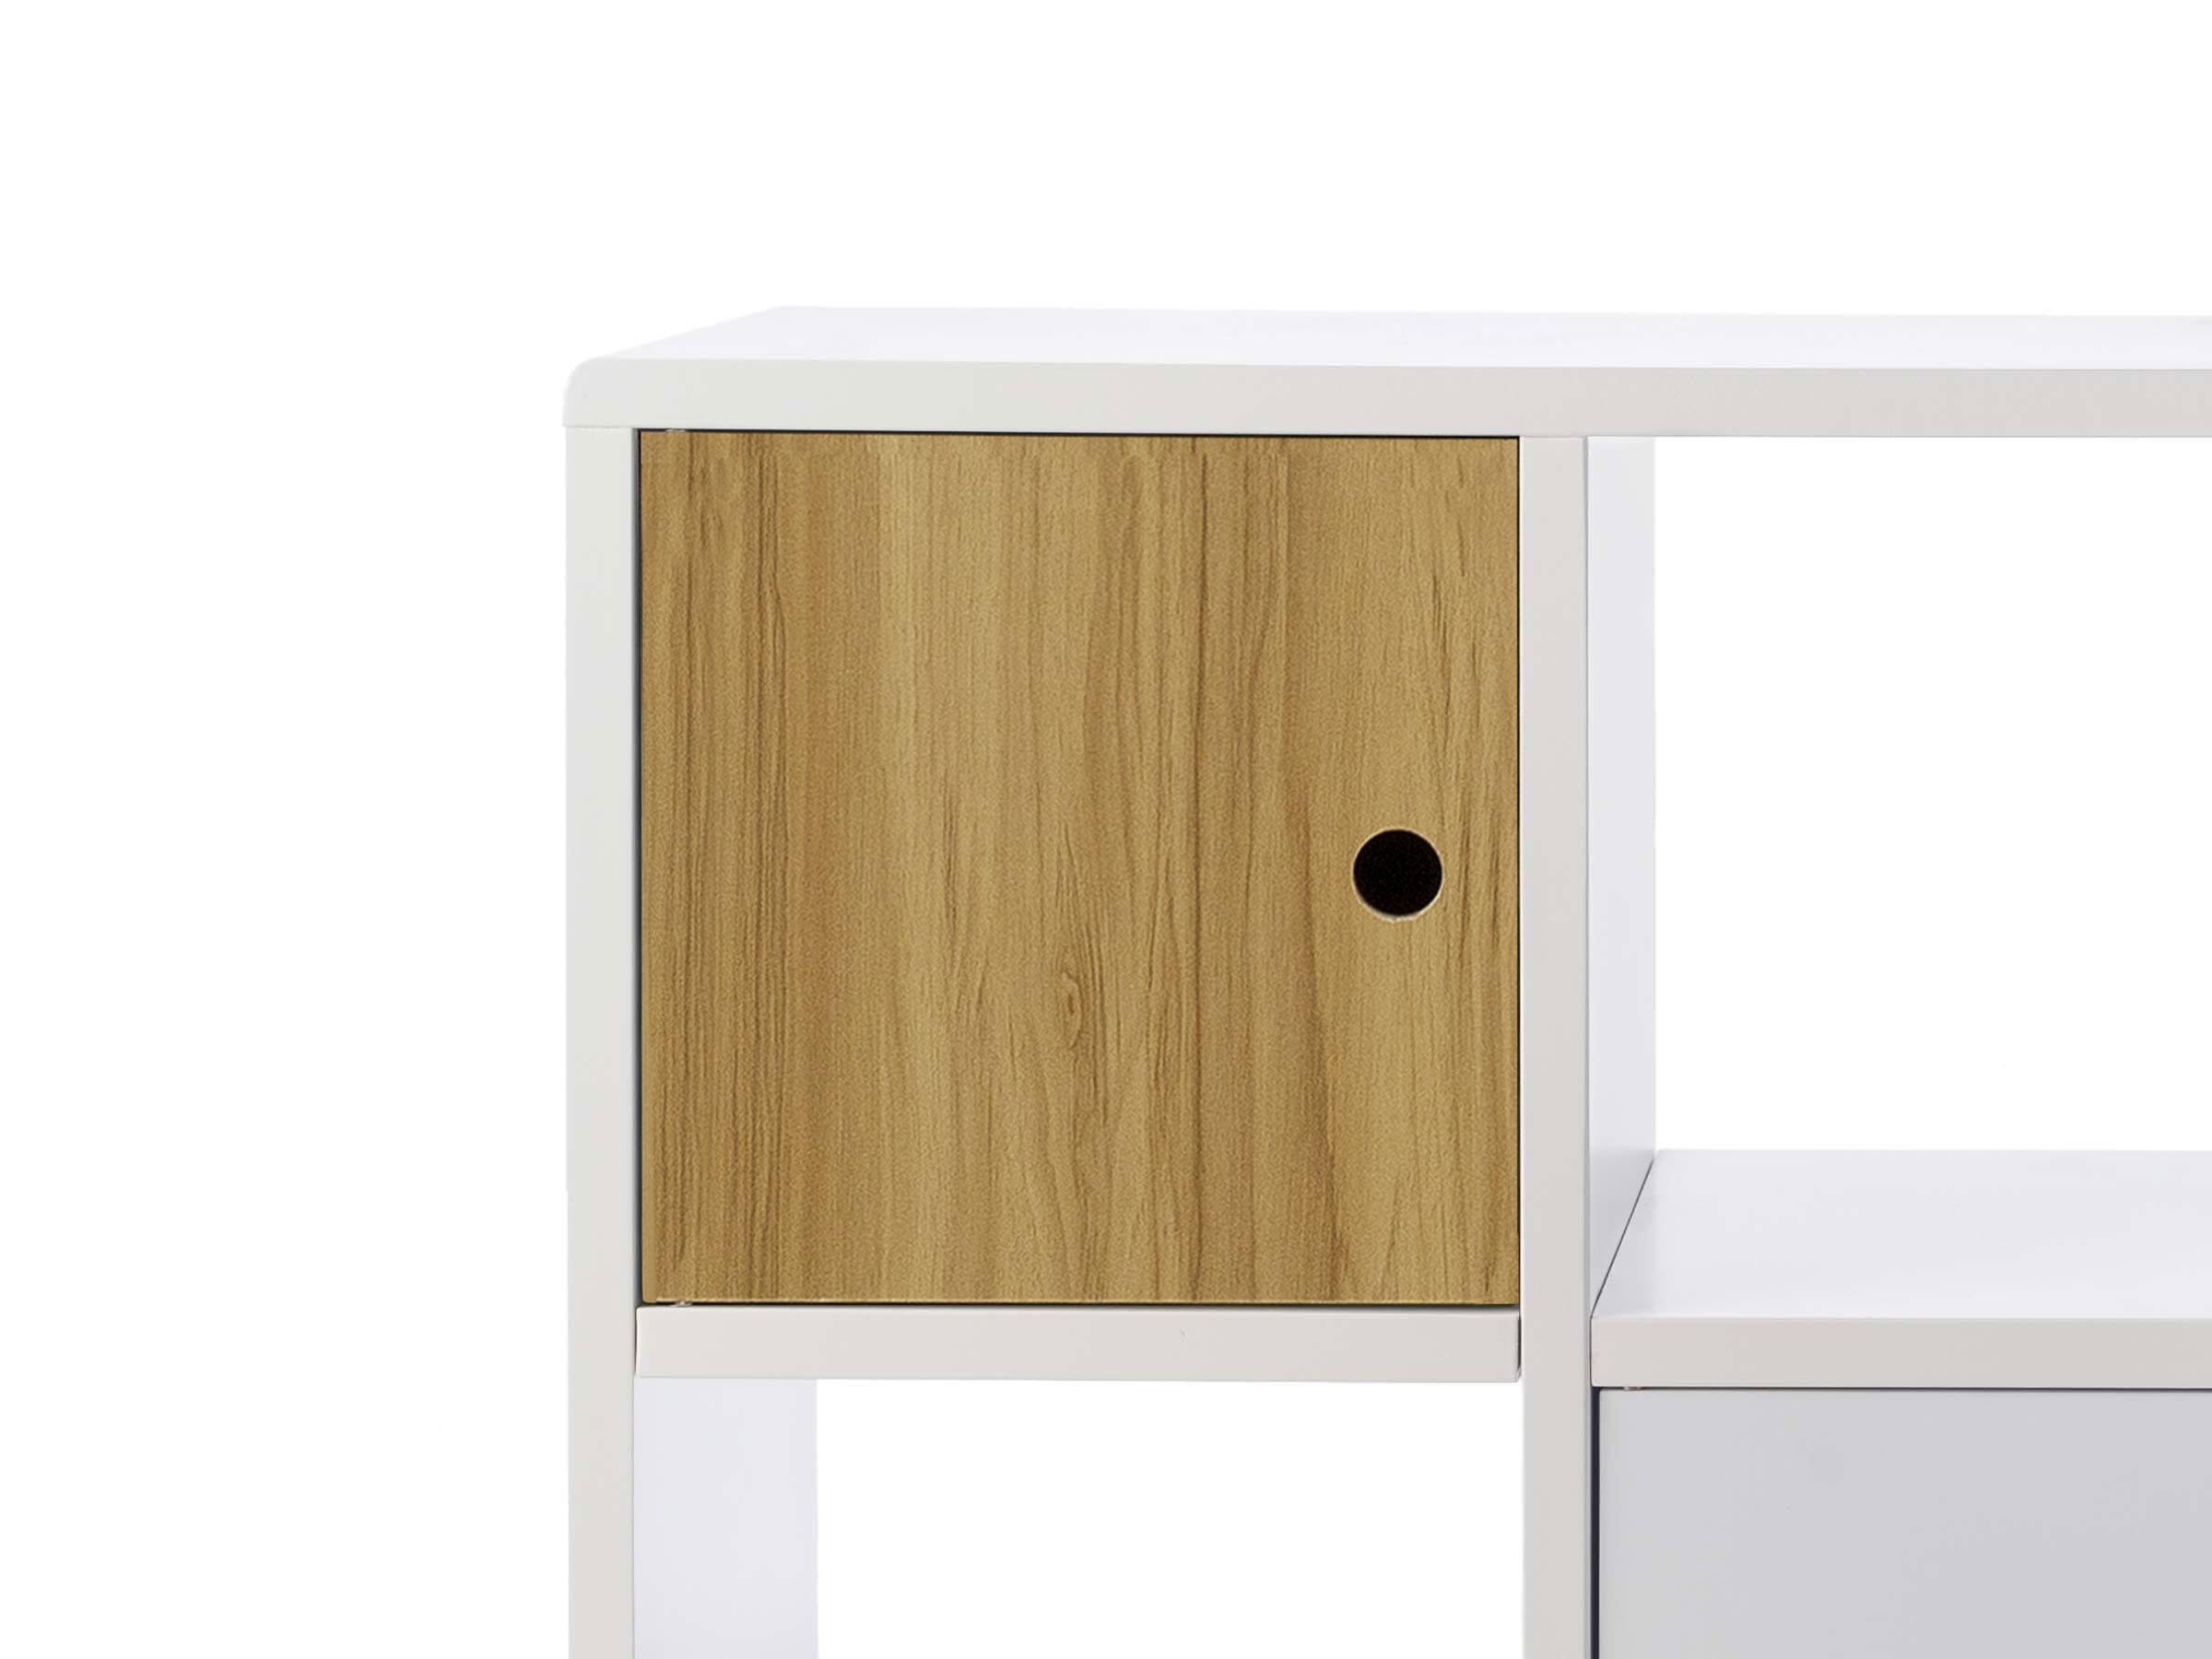 Cube Doors